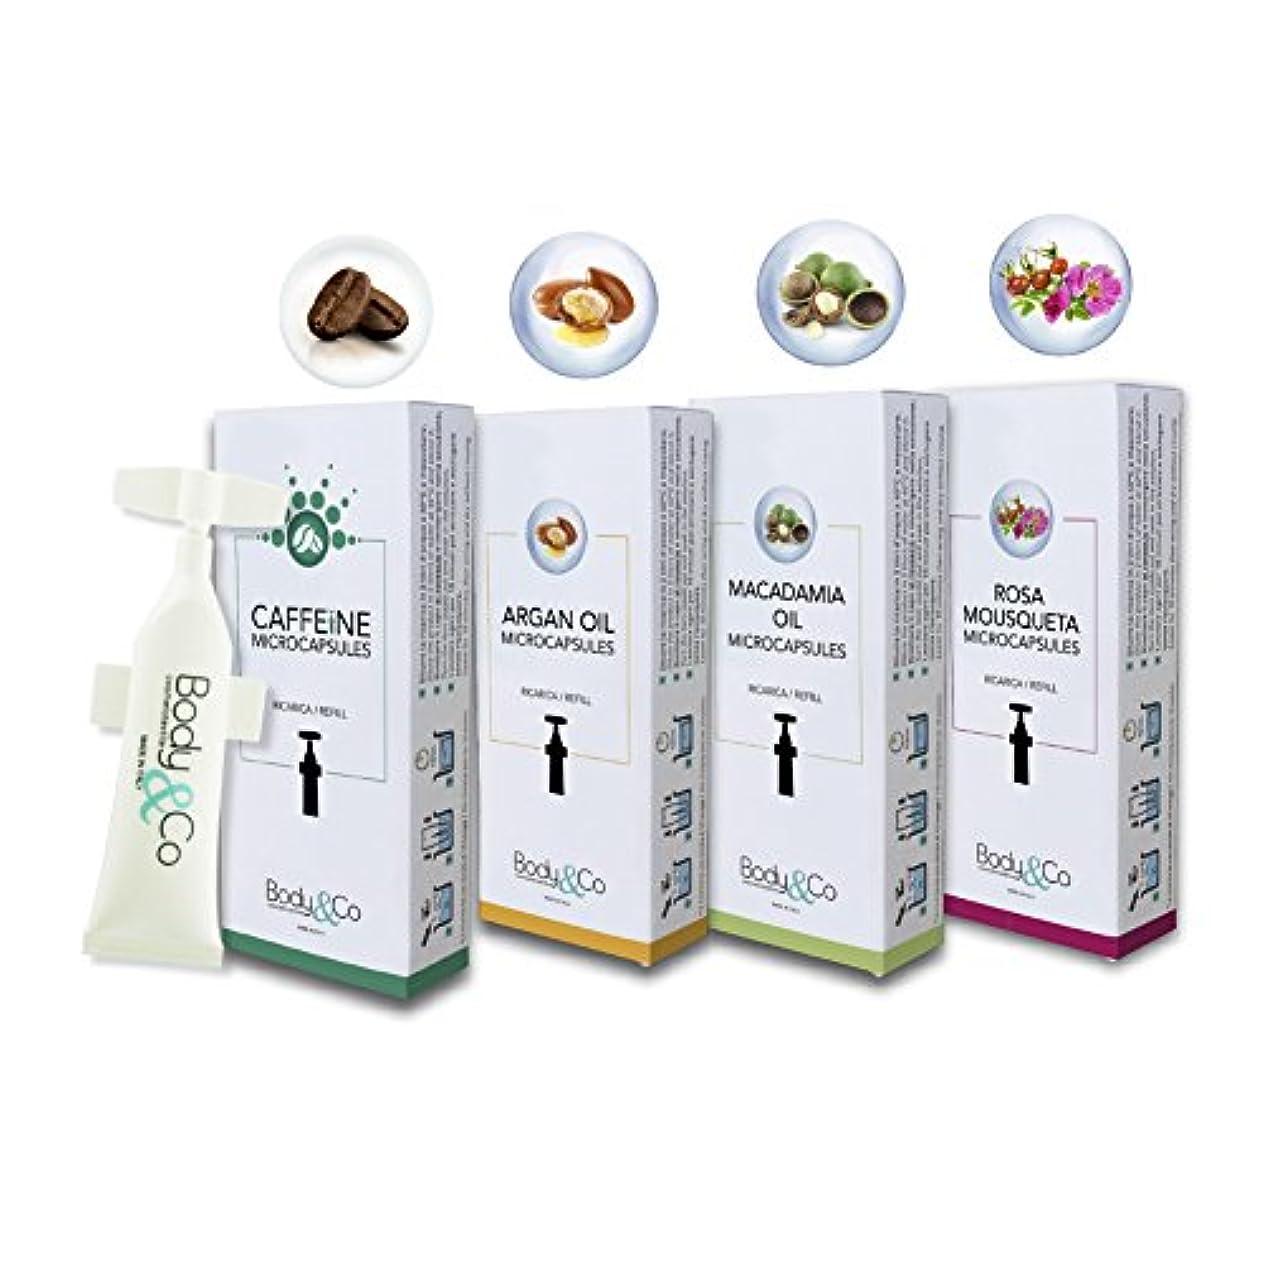 信者要件ハイブリッドBody&Co Cosmetic Mix 4 Refills 10 ml: Caffeine, Argan Oil, Macadamia Oil, Rosa Mosqueta Oil